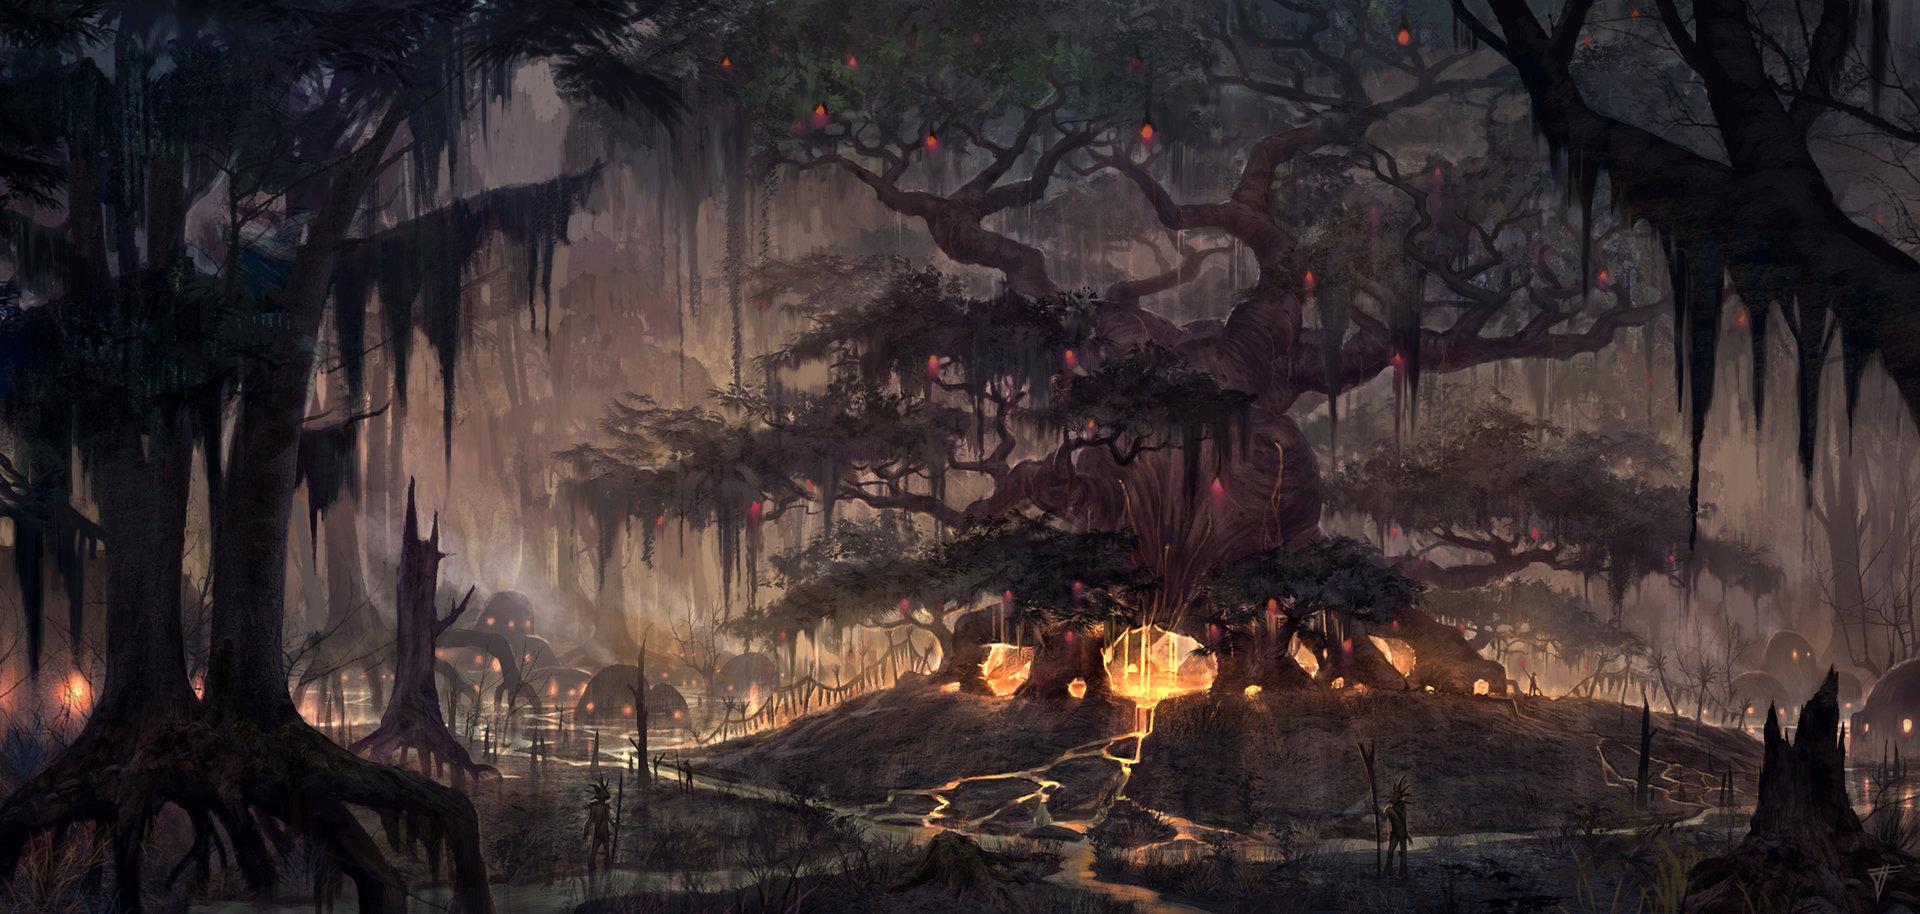 Hist Tree